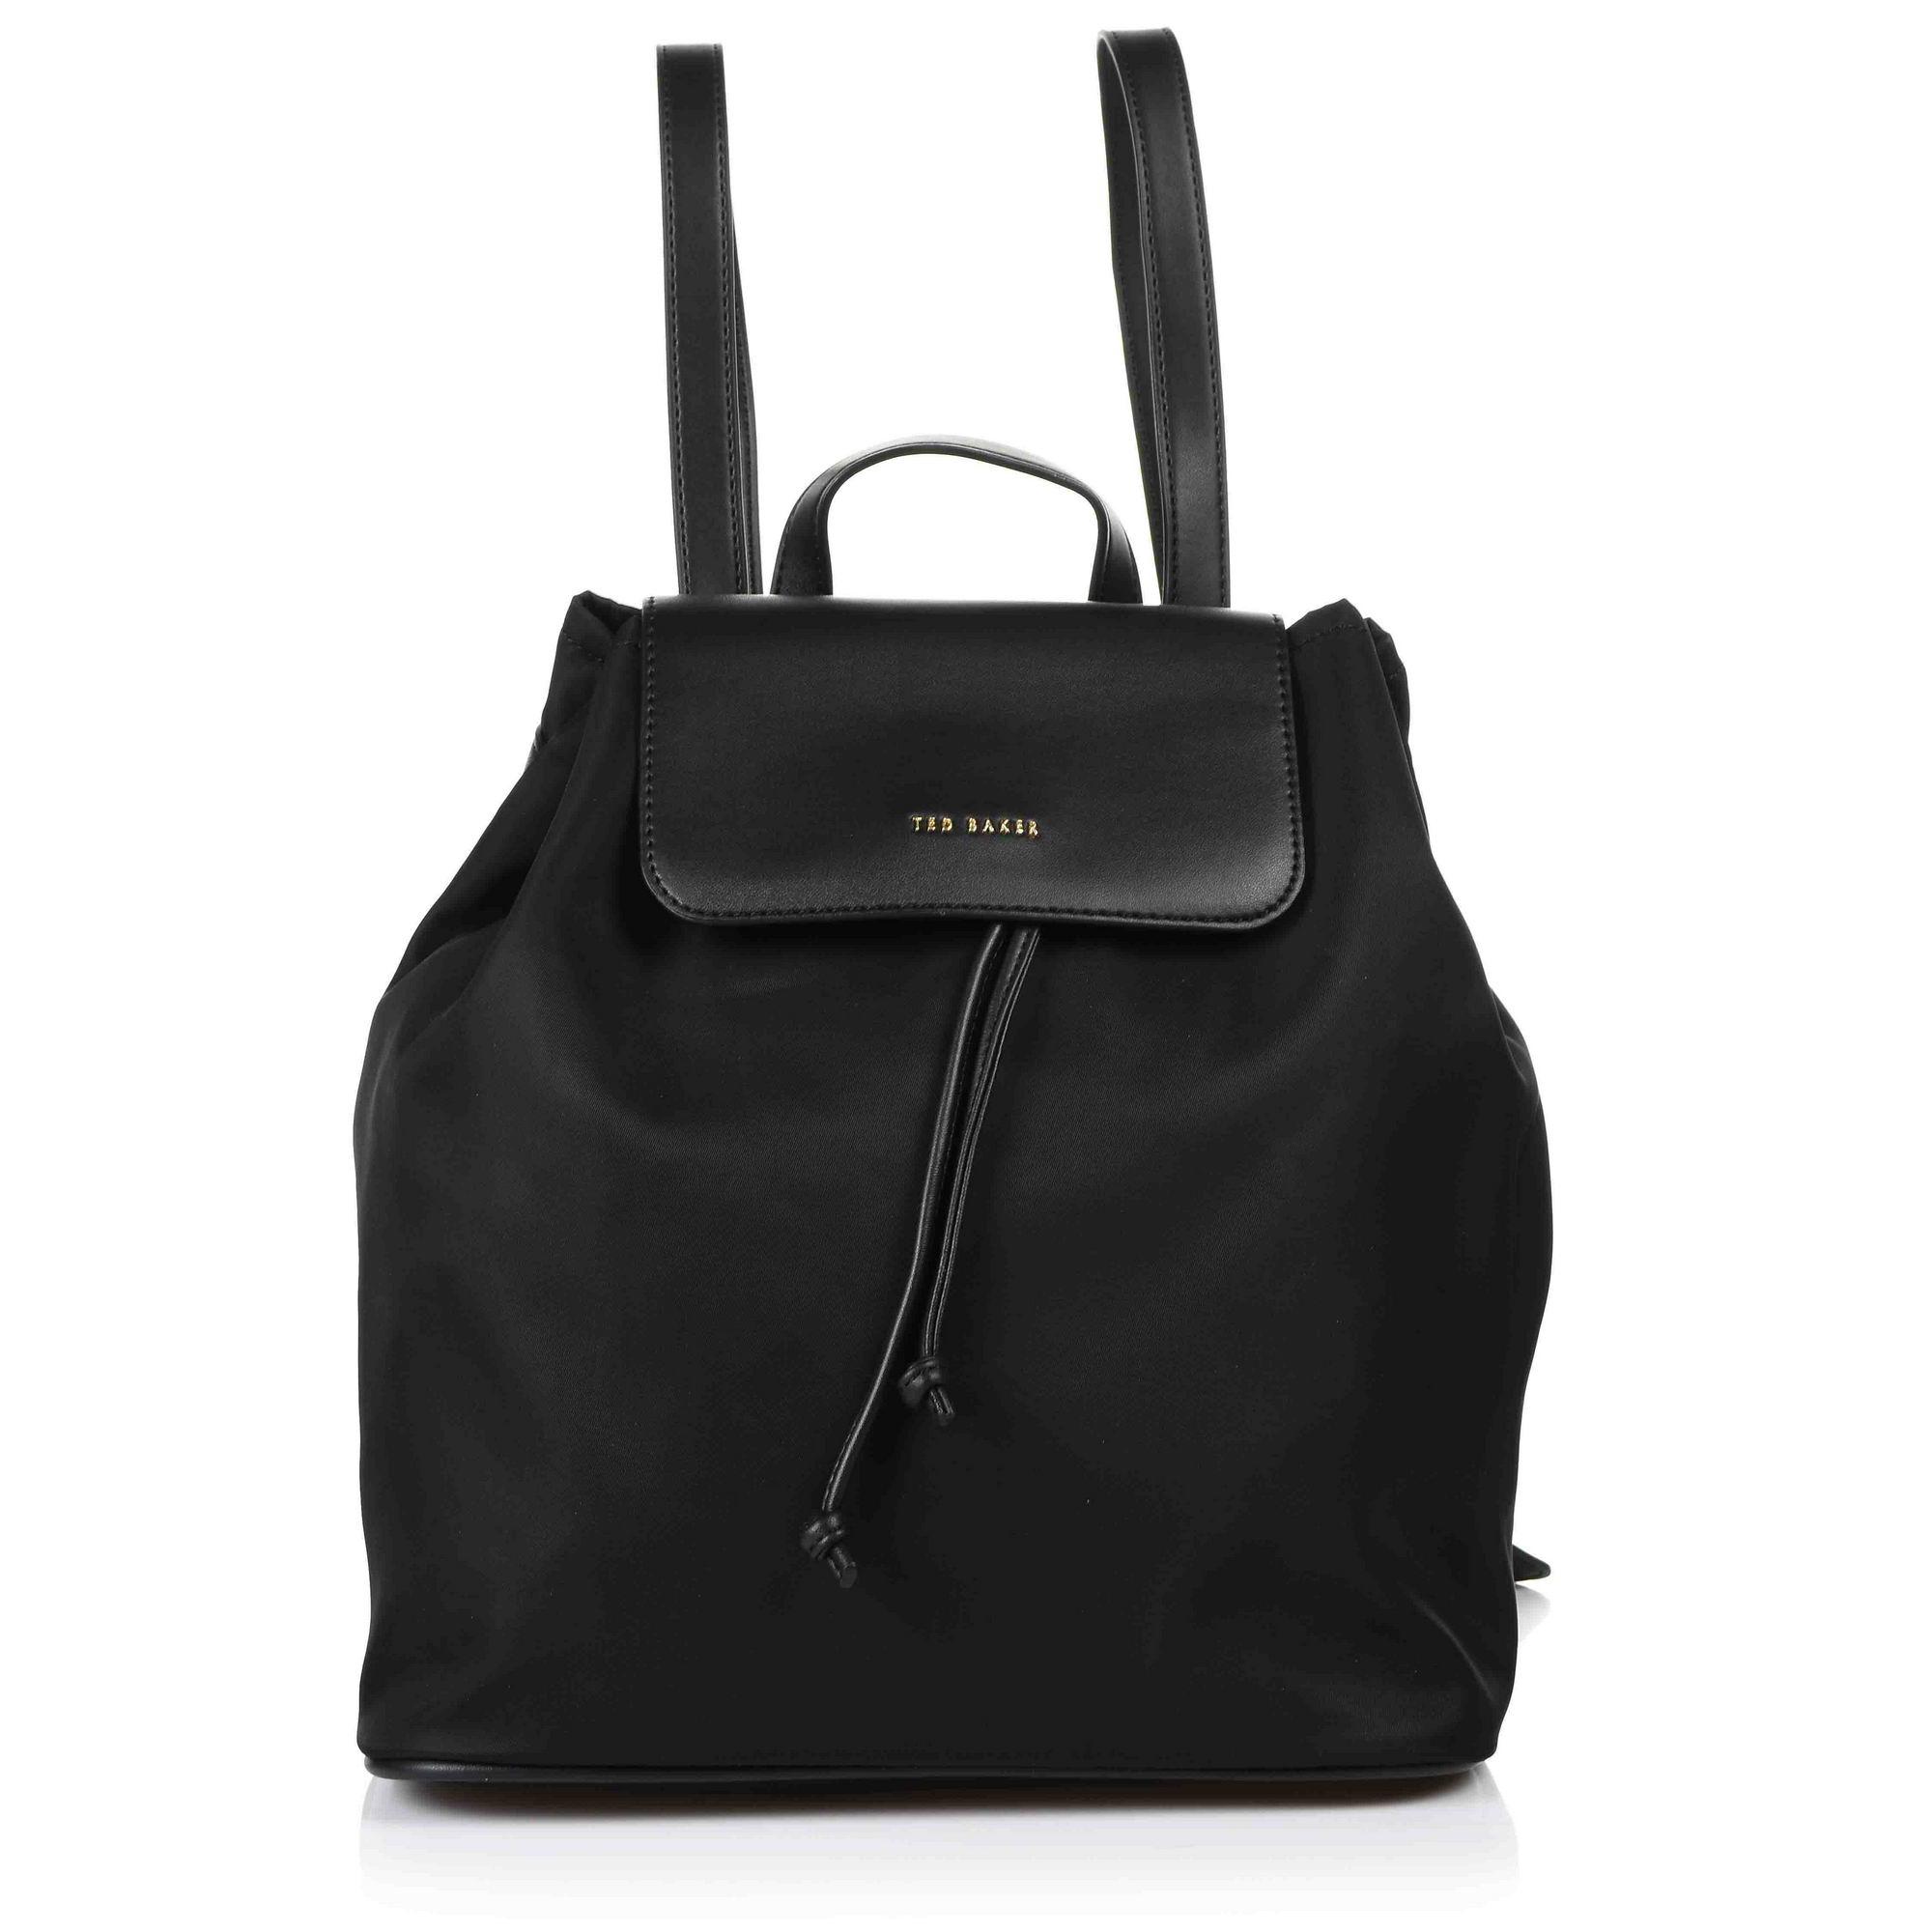 Σακίδιο Πλάτης Ted Baker Nylon Drawstring Backpack 147549